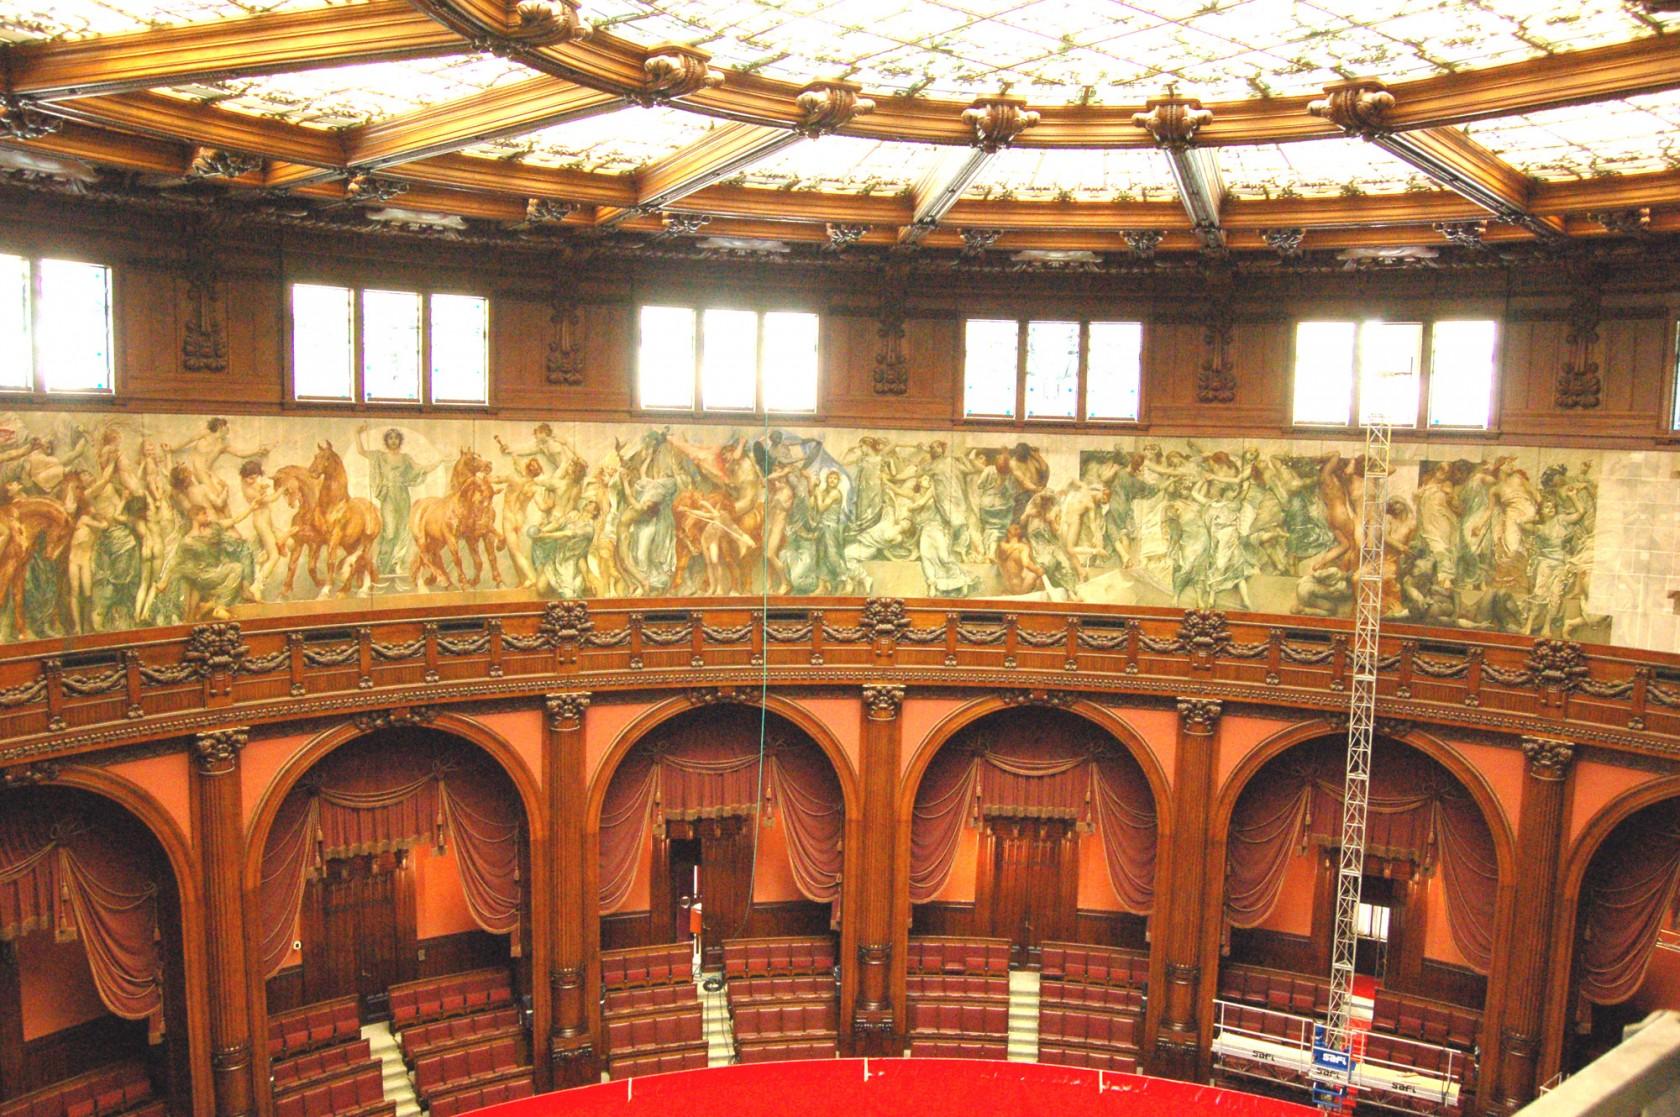 aula parlamentare di palazzo montecitorio a roma